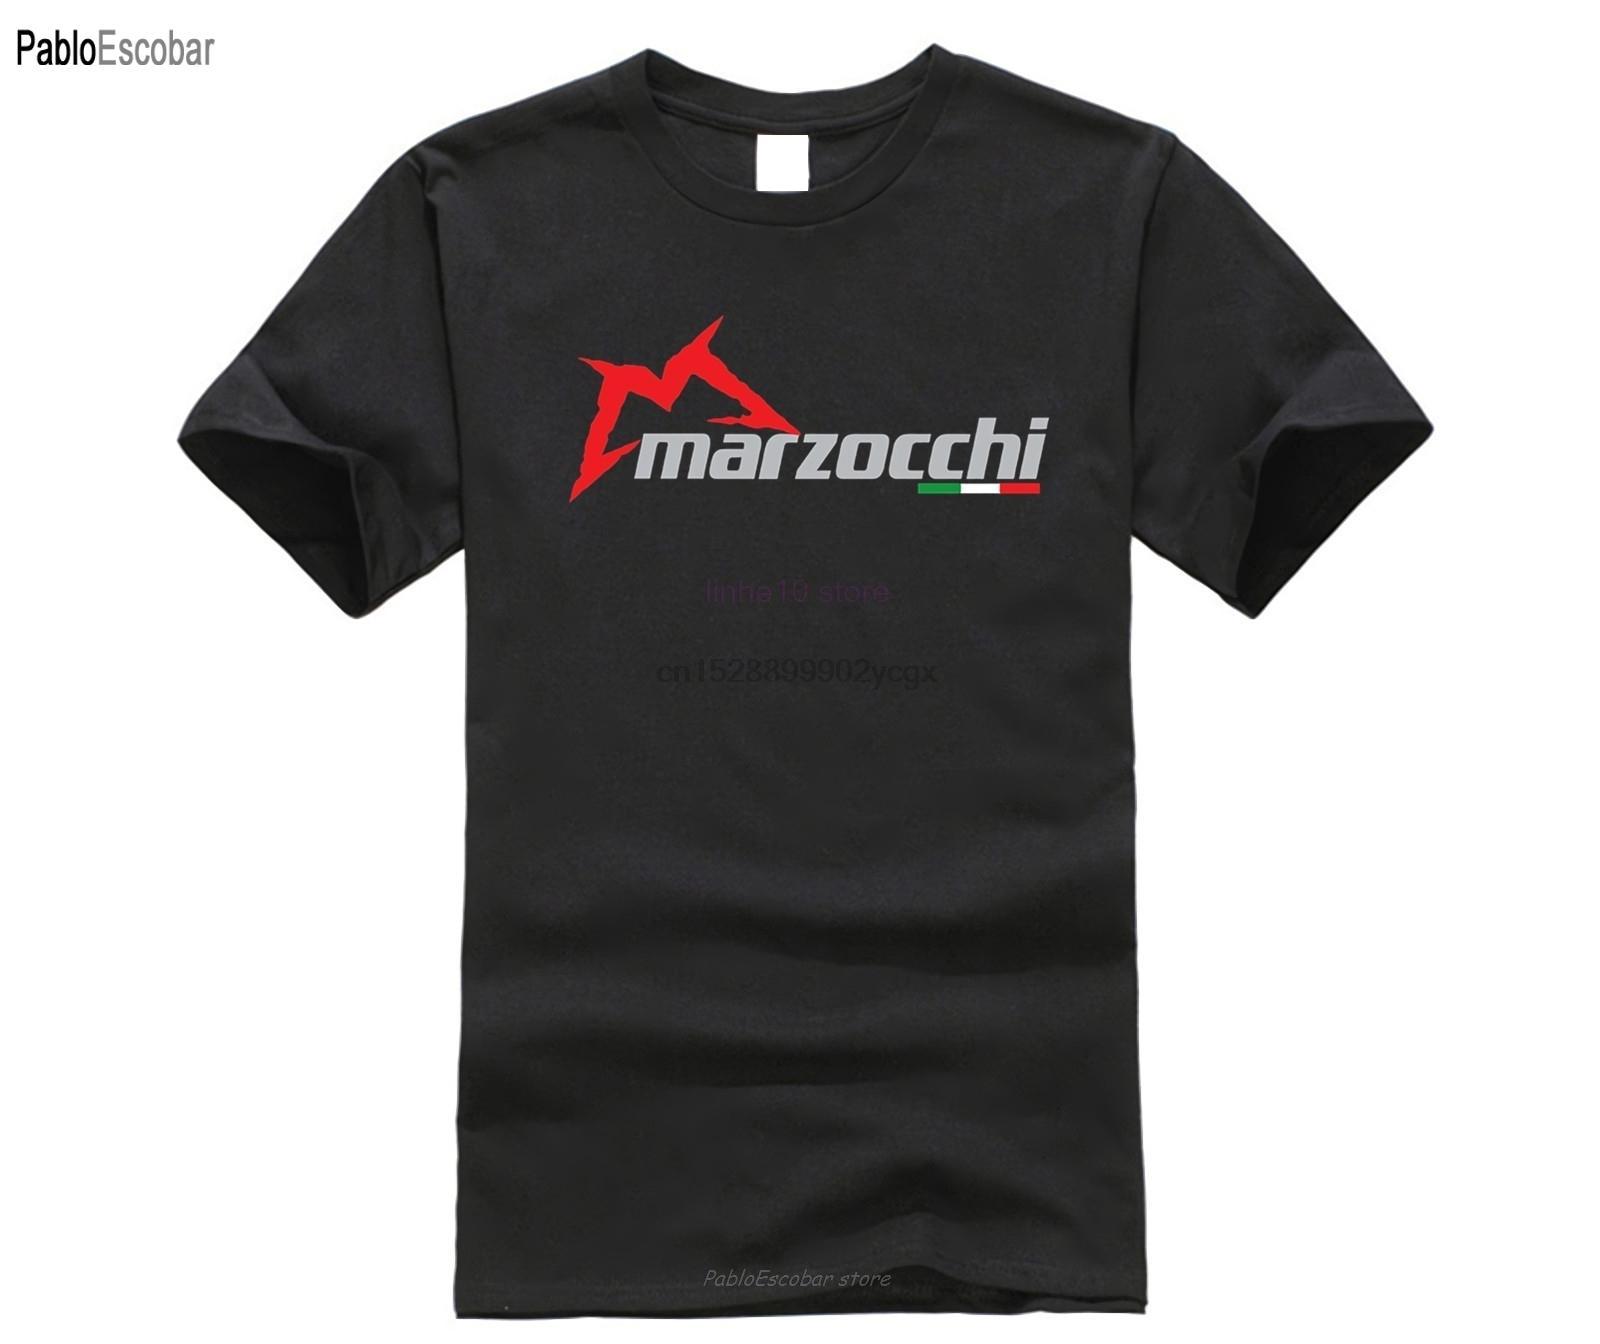 Erkekler Tişörtlü Marzocchi Logo Süspansiyon Çatal Motorlu Bisiklet S Siyah Tişörtlü Pamuk Kısa Kollu komik Grafik Tee Gömlek Kadınlar